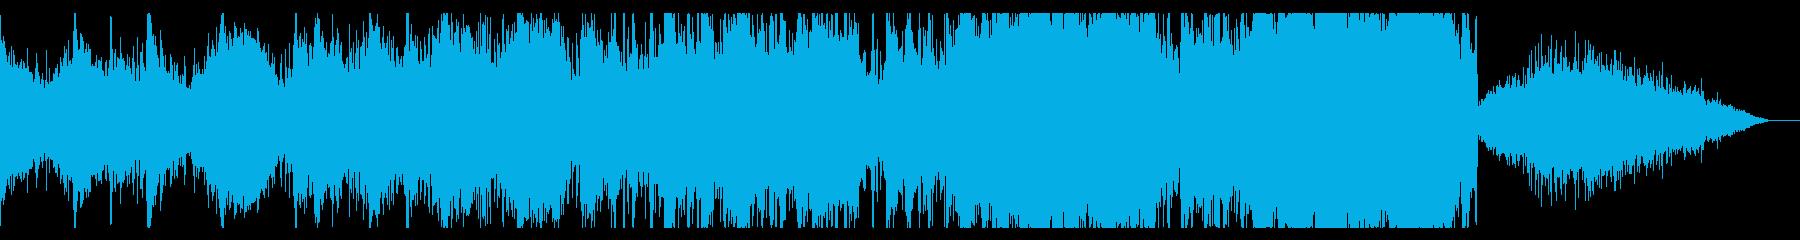 エピックでダークなシネマティックBGMの再生済みの波形